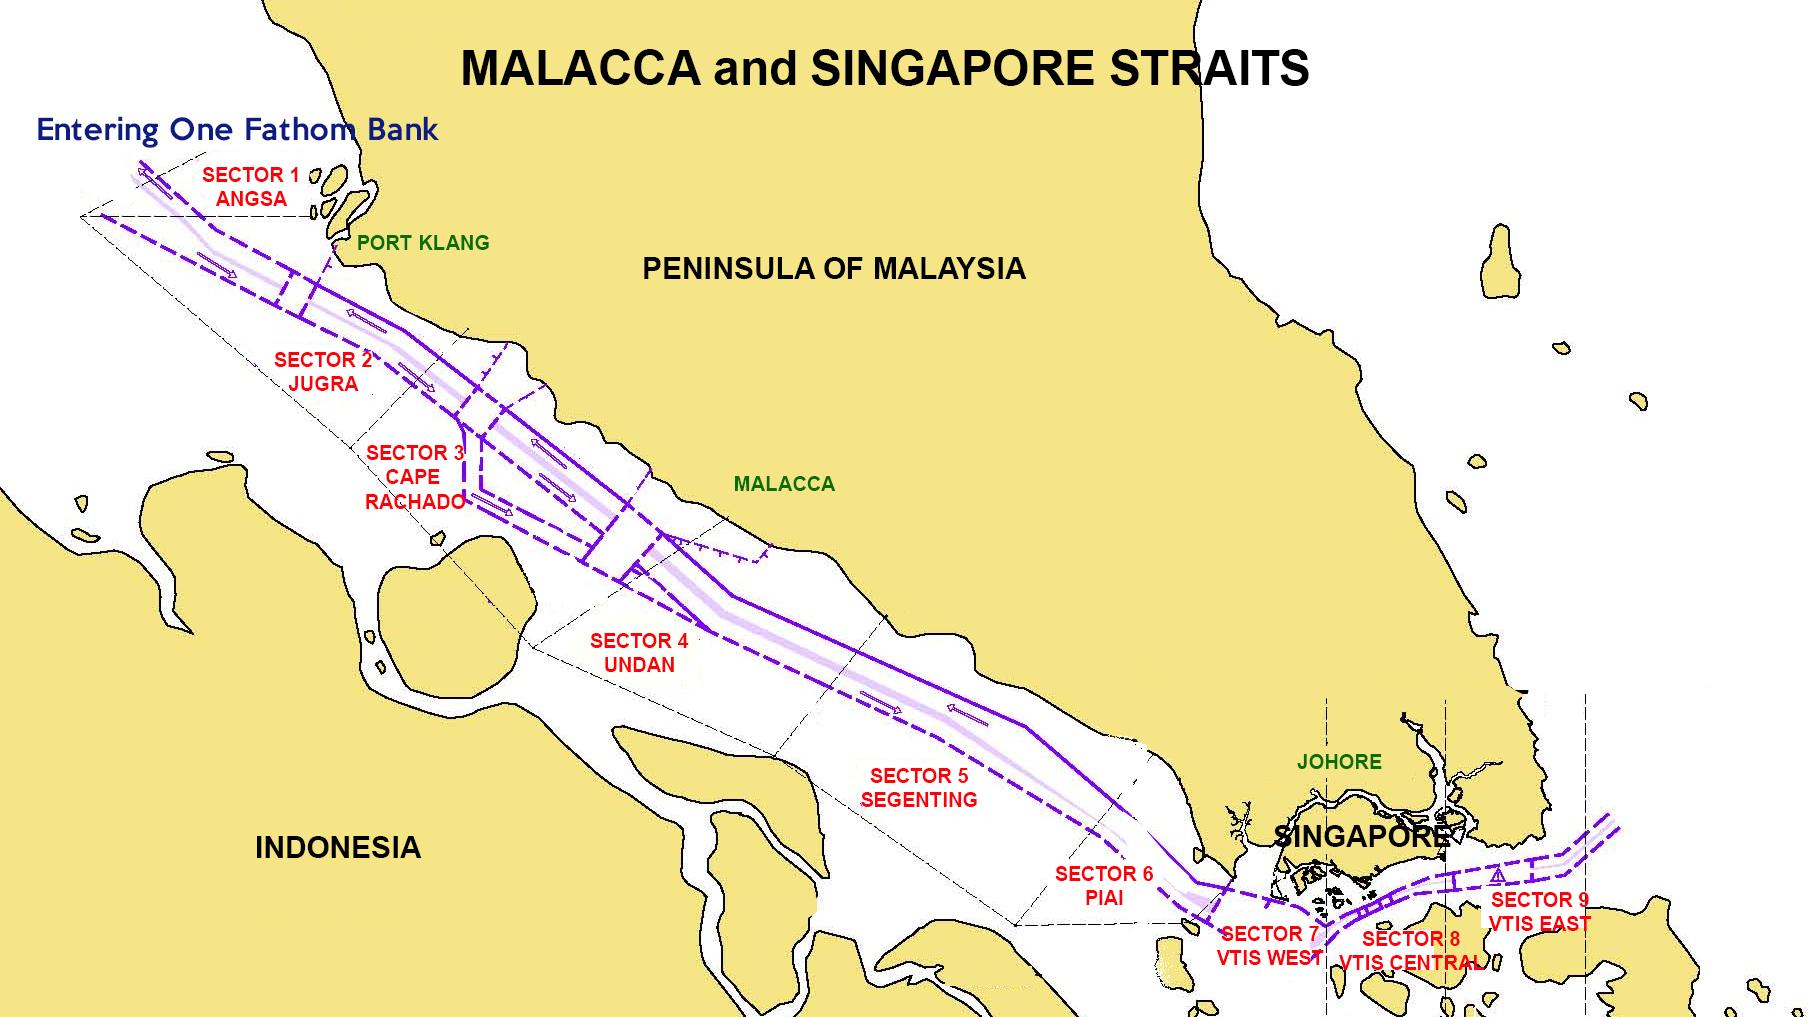 malacca straits Map – Pacific Venture Marine on mexico city map, malaysia map, venice map, jerusalem map, malay peninsula map, cuba map, mecca map, maldives map, goa map, kyoto map, great zimbabwe map, strait of hormuz map, pakistan map, ceylon map, macau map, penang map, timbuktu map, calicut map, baghdad map, moluccas map,